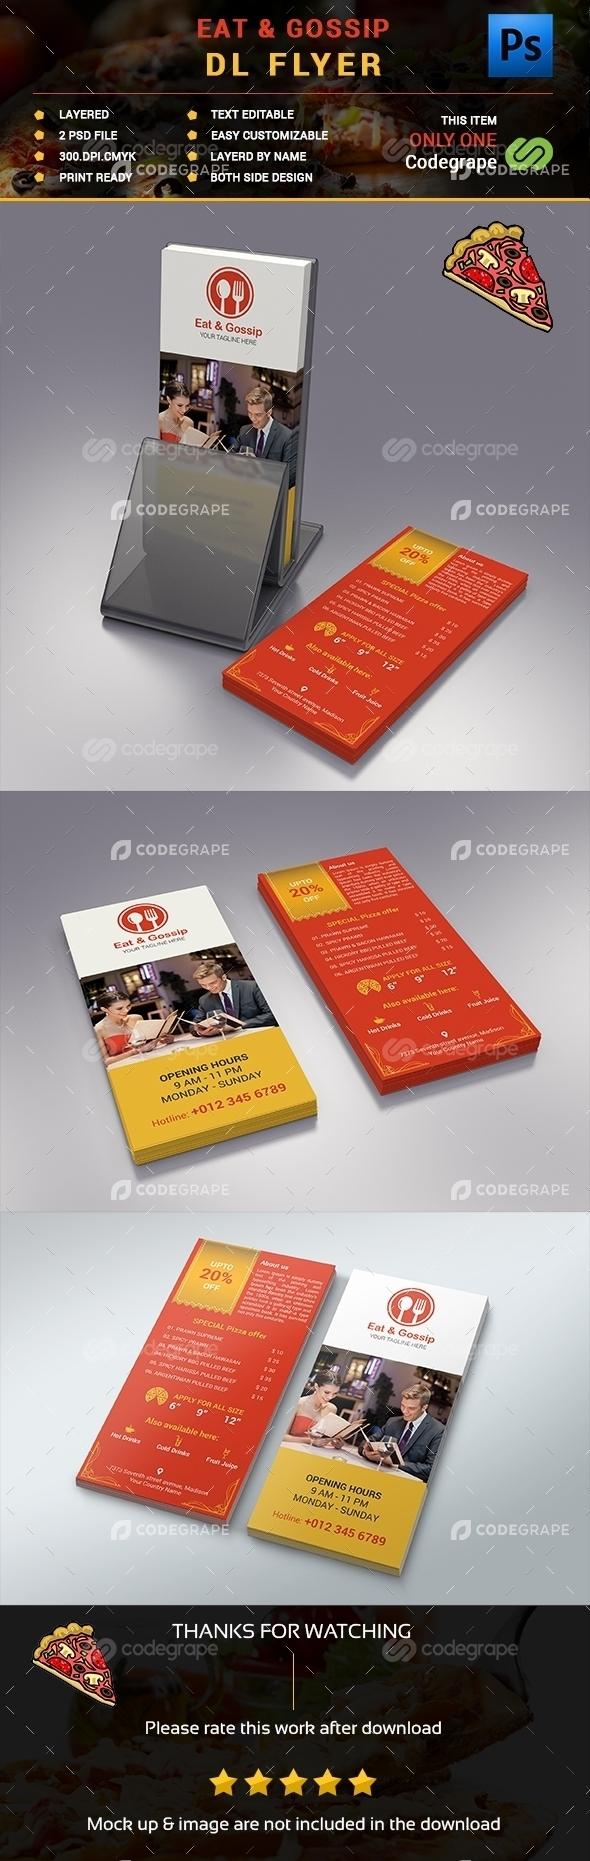 Eat & Gossip DL Flyer #01